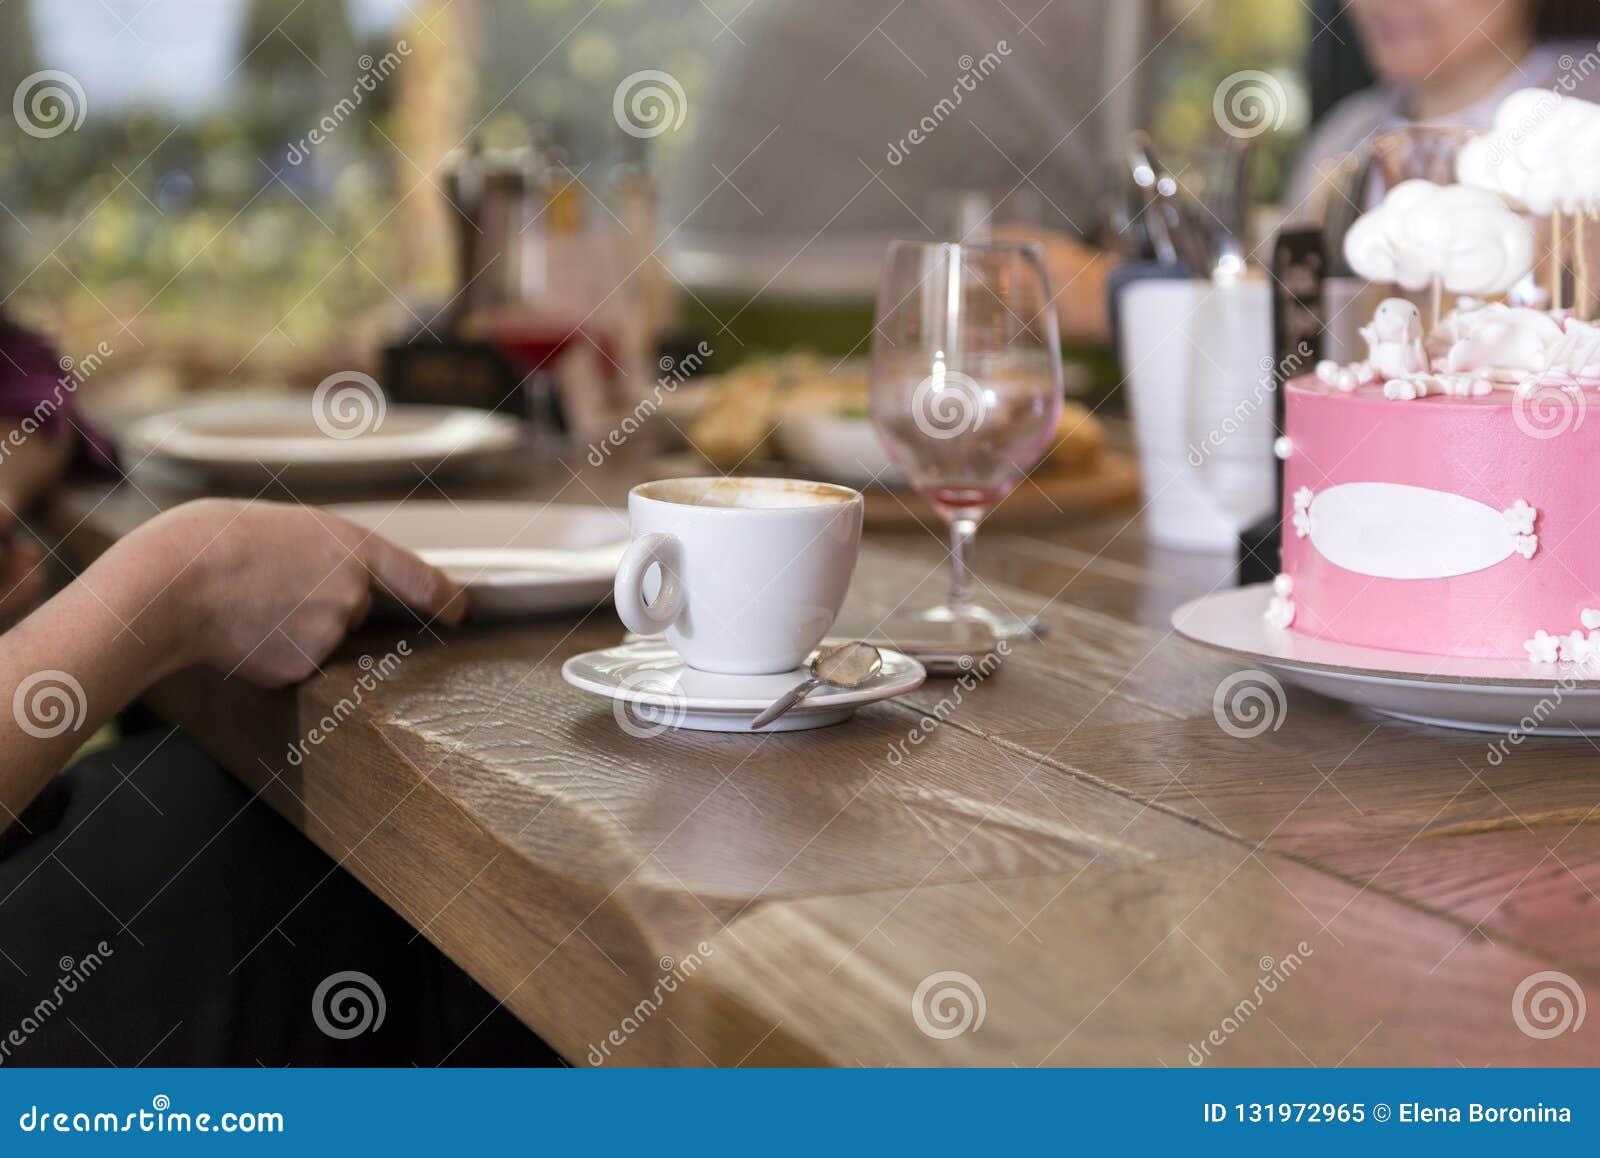 La tasse de café, le gâteau, les gens à la table de salle à manger en bois, a servi t